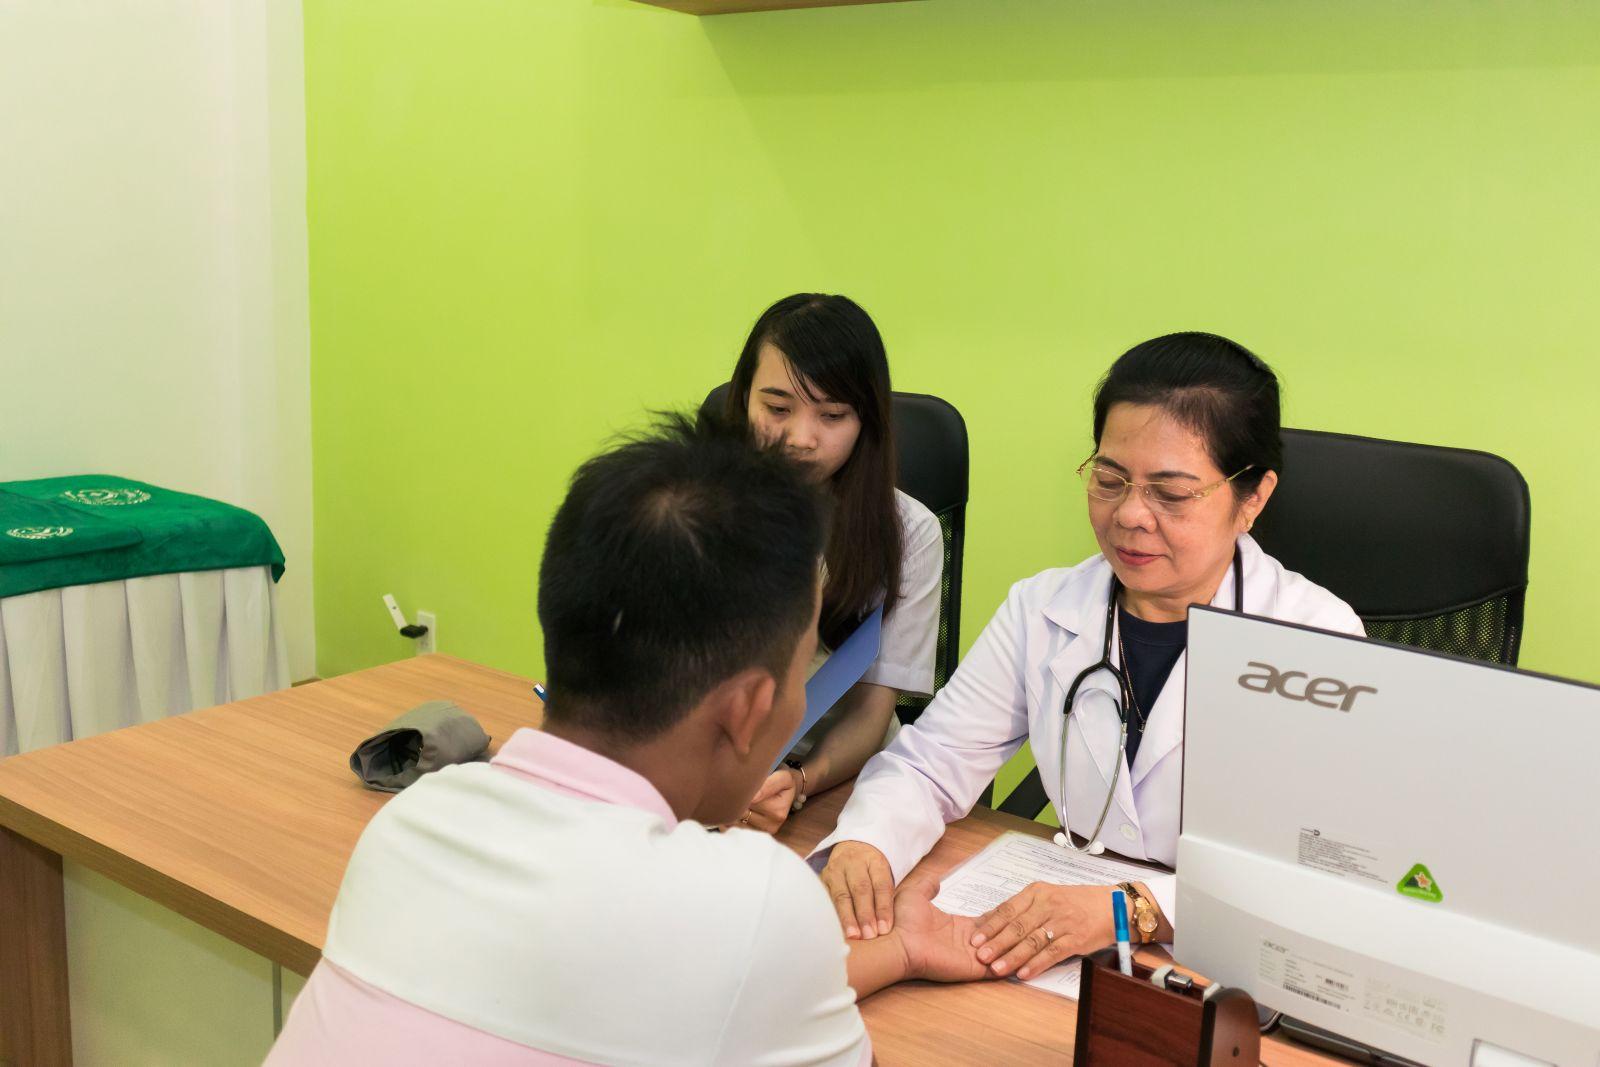 Danh sách bác sĩ Đông y giỏi ở TPHCM - Sài Gòn 2